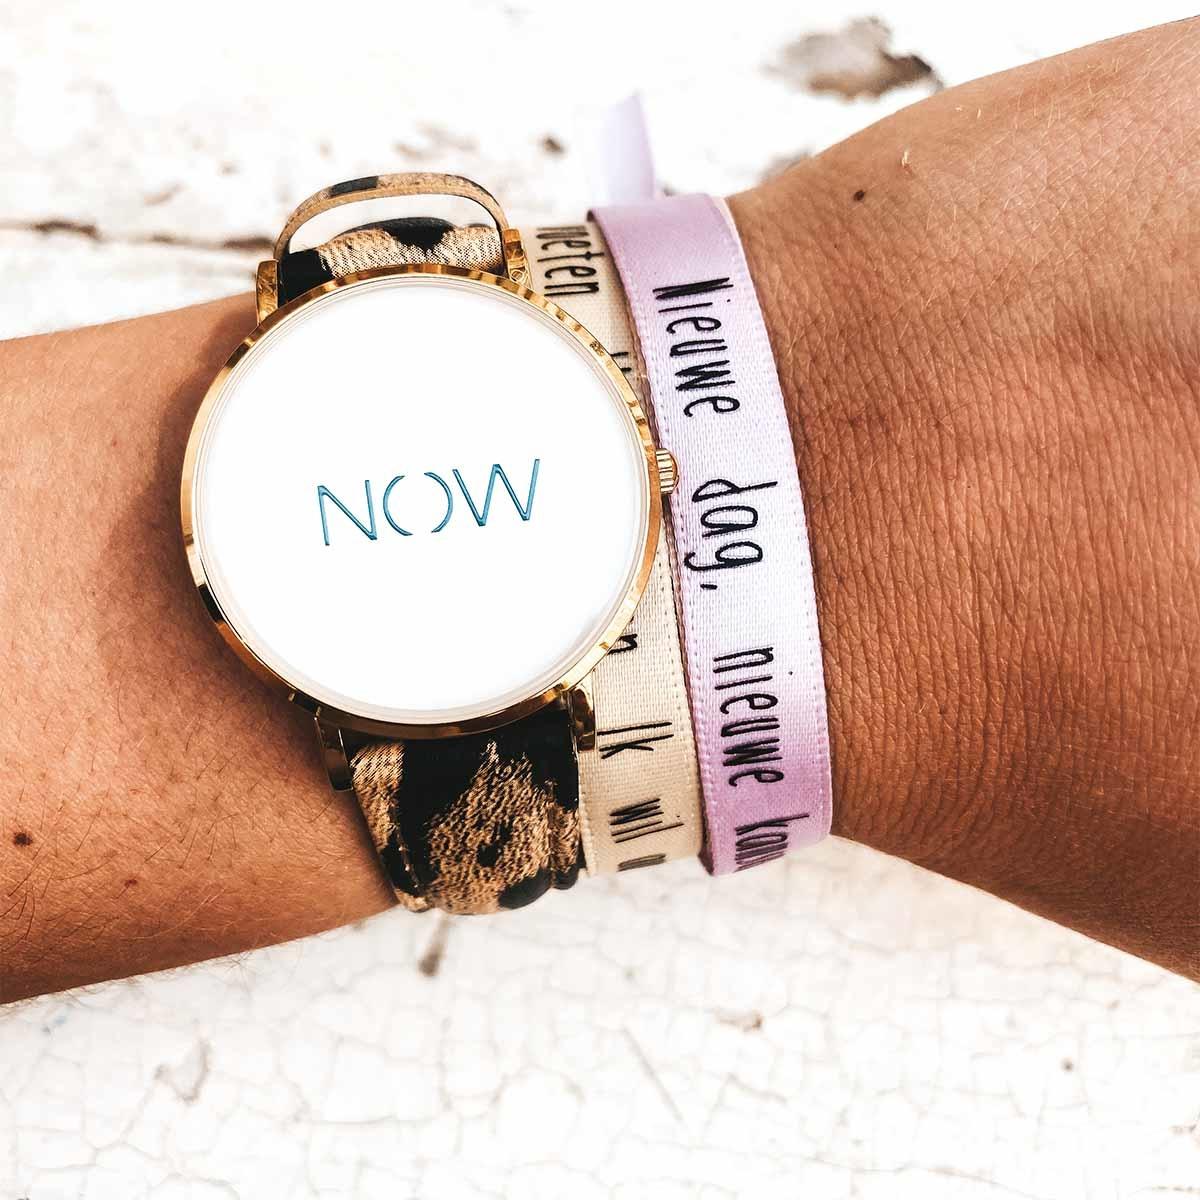 NOW horloge • Wild leopard